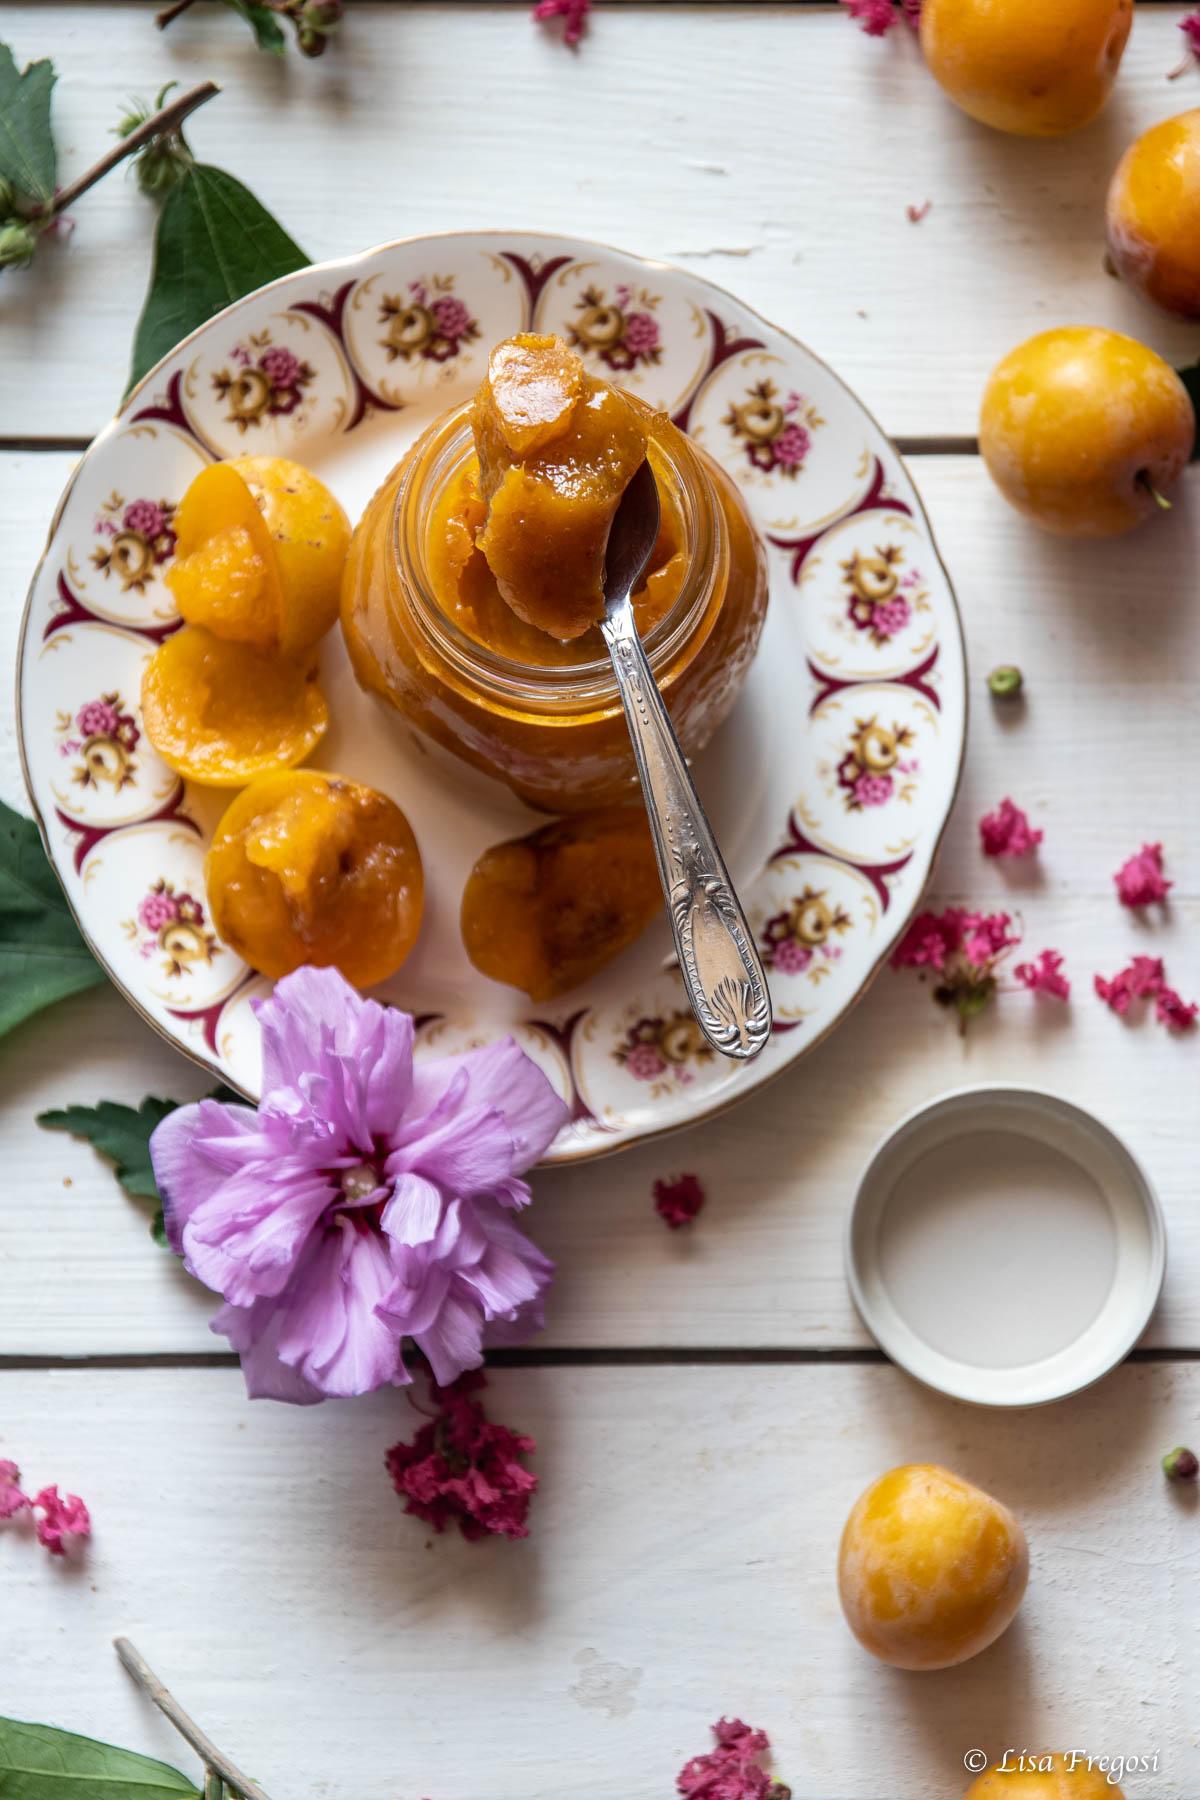 fotografia food: Fregosi Lisa Photography : confettura marmellata, prodotti per aziende